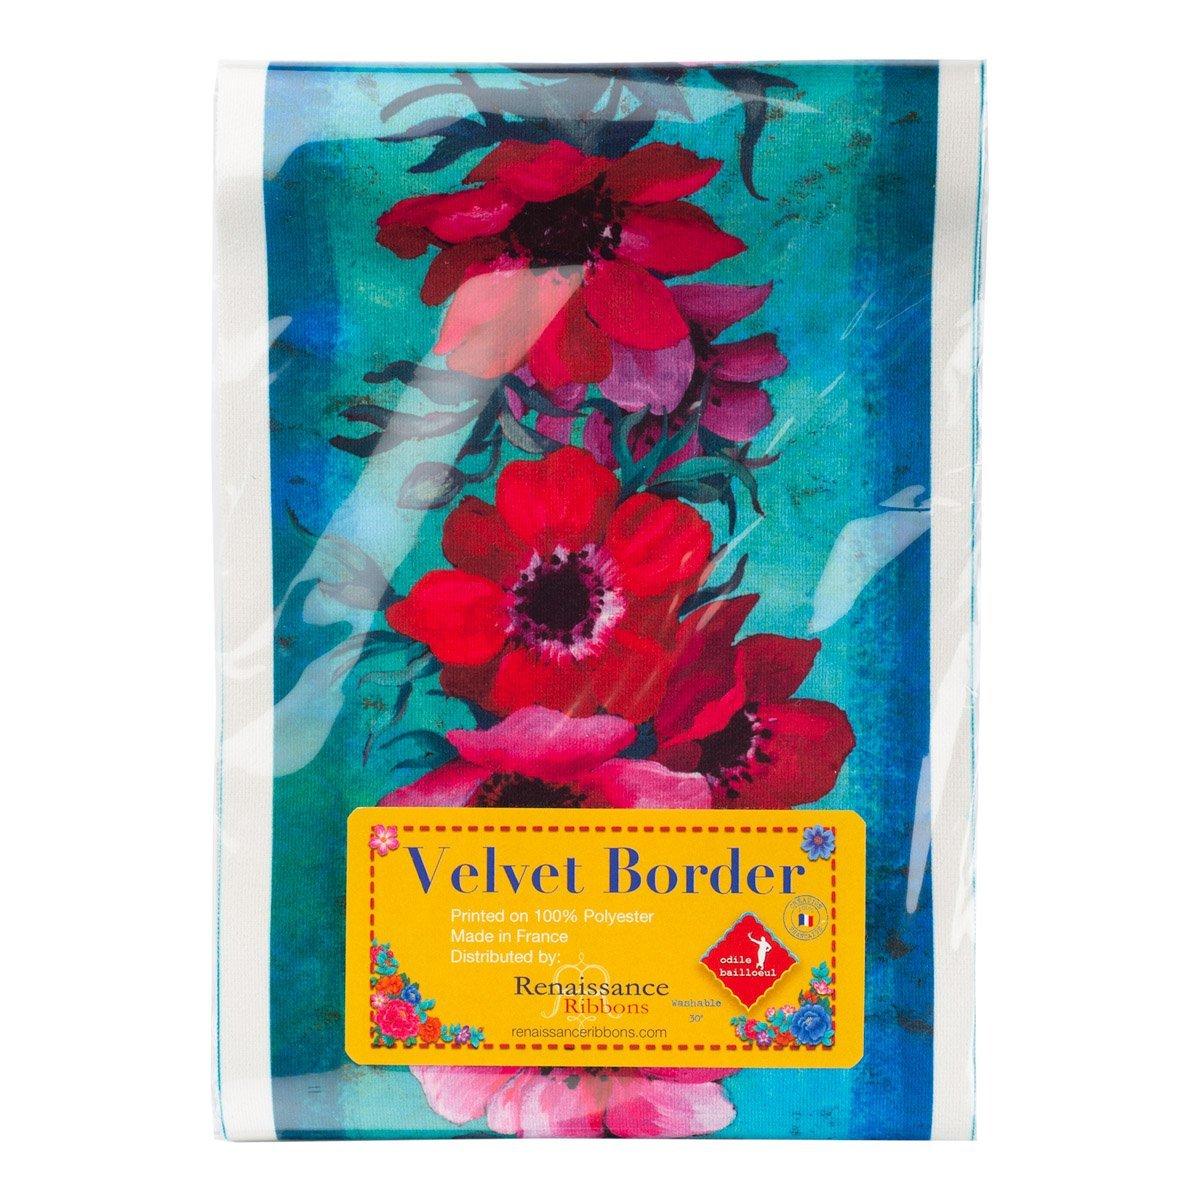 Anemones on Turquoise (5 Velvet Border) (Renaissance Ribbons)